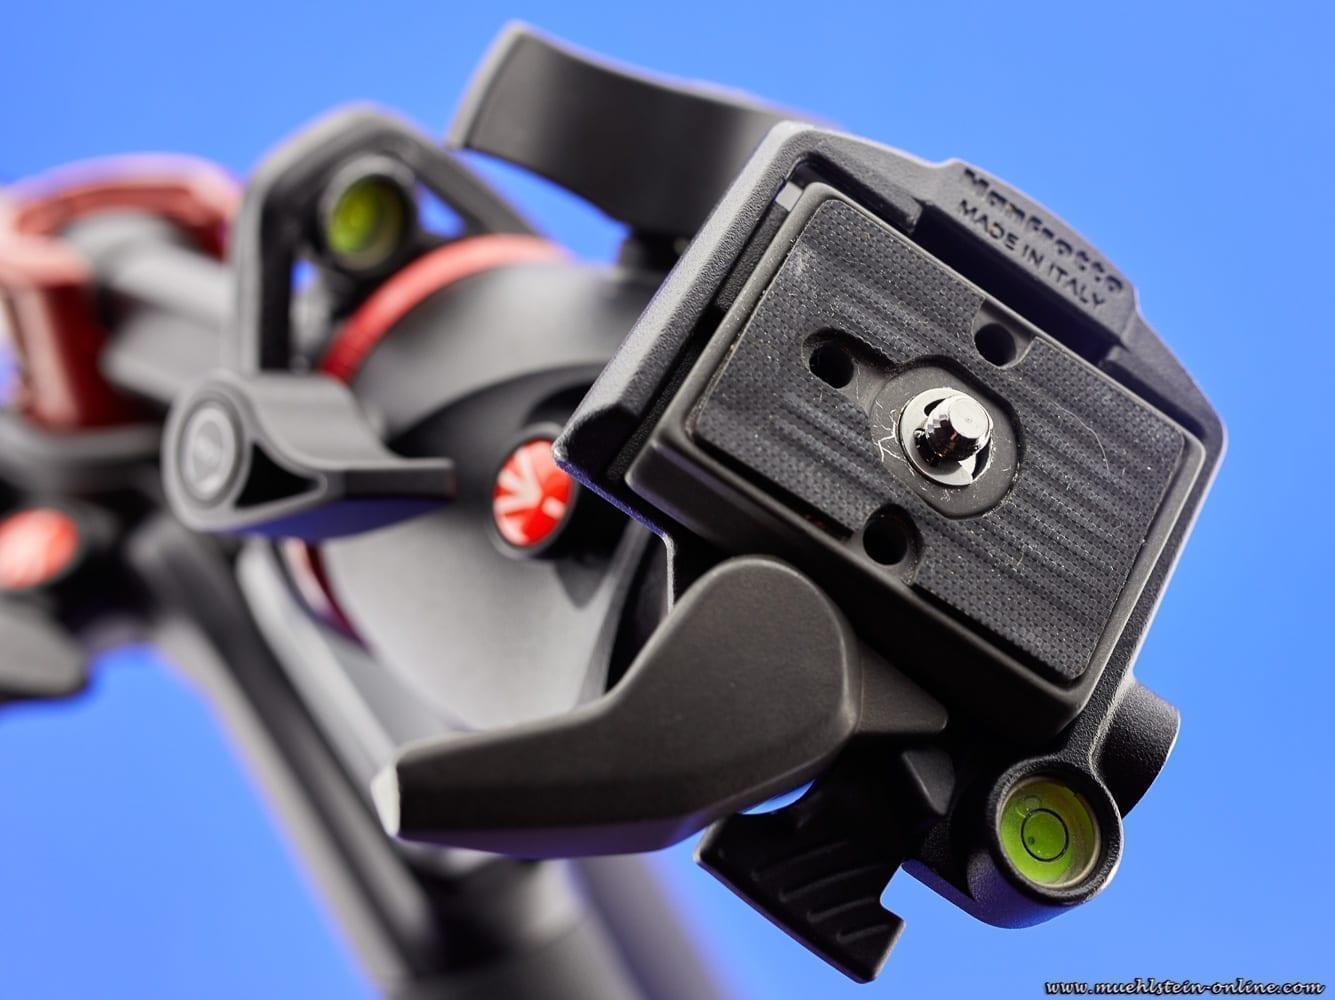 Kugelkopf mit eingesetzter Stativplatte in die vorgesehene Aufnahme